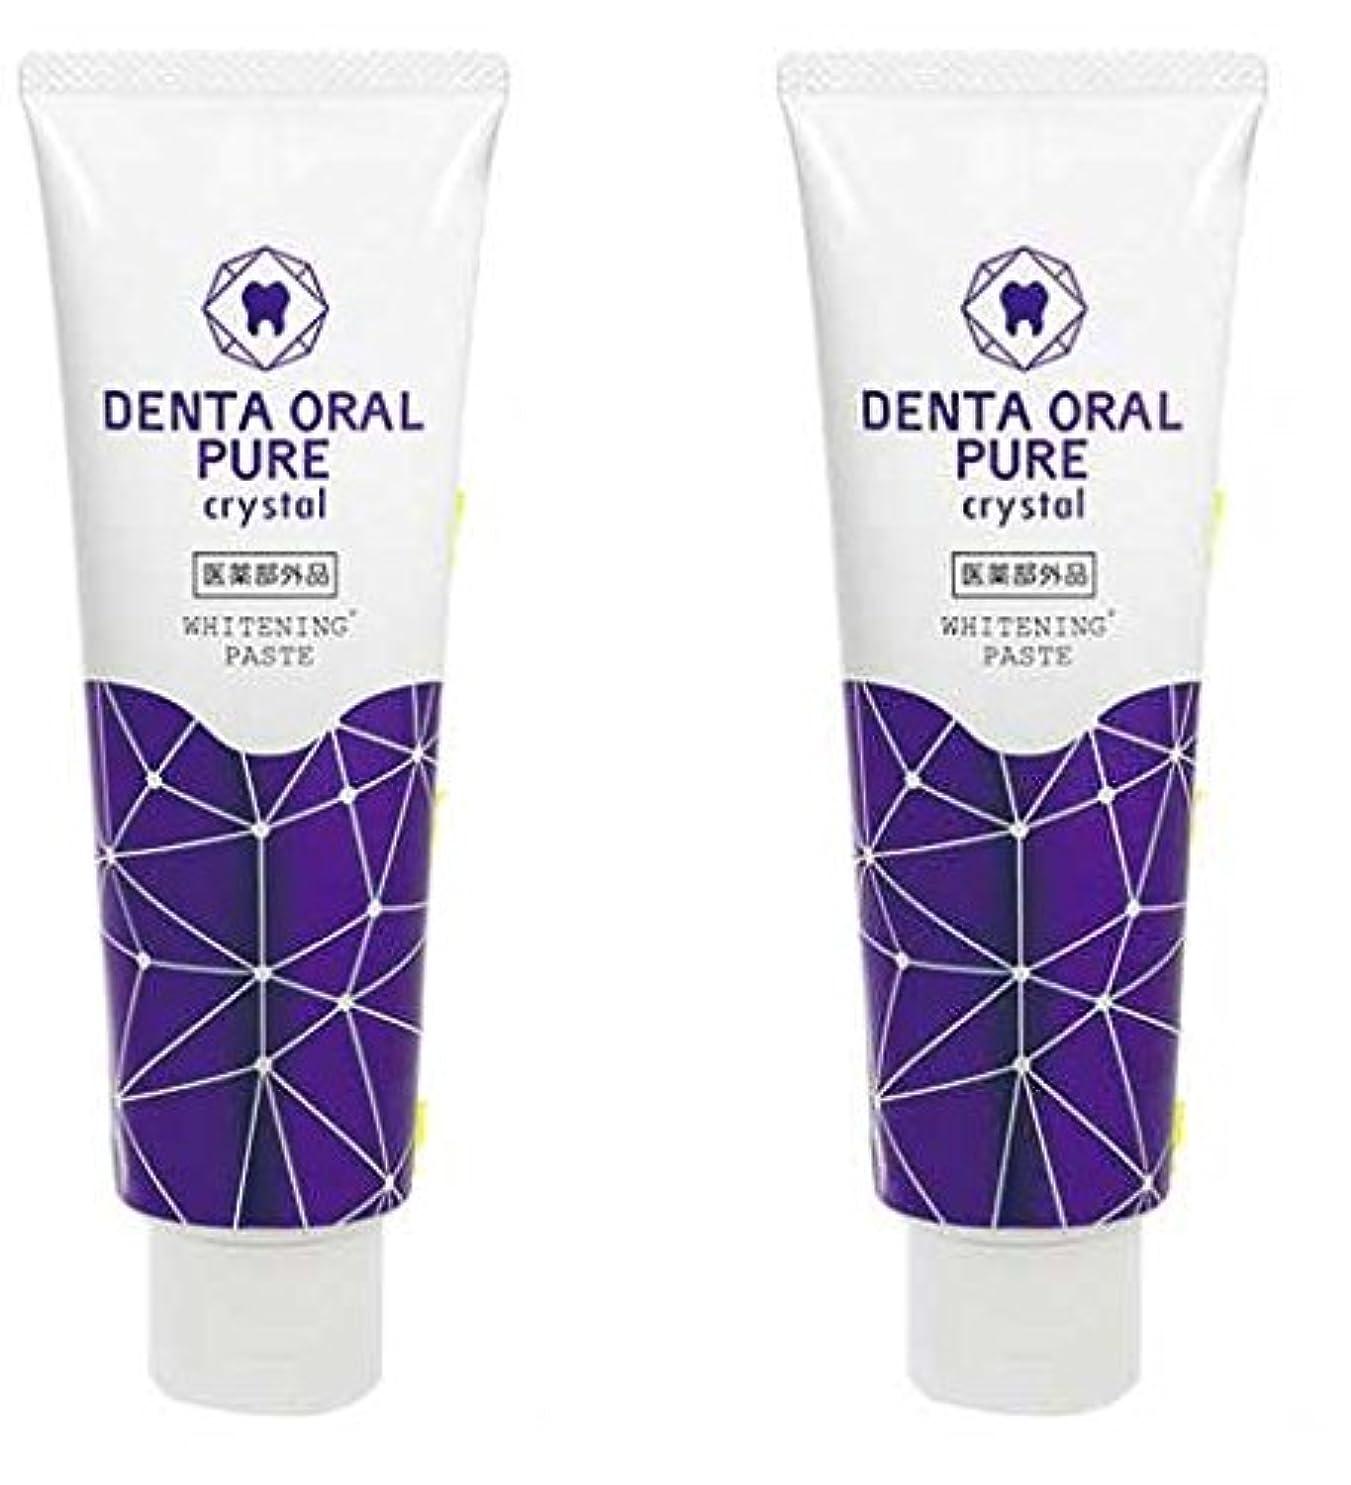 無心体泣き叫ぶホワイトニング歯磨き粉 デンタオーラルピュア クリスタル 2個セット 医薬部外品